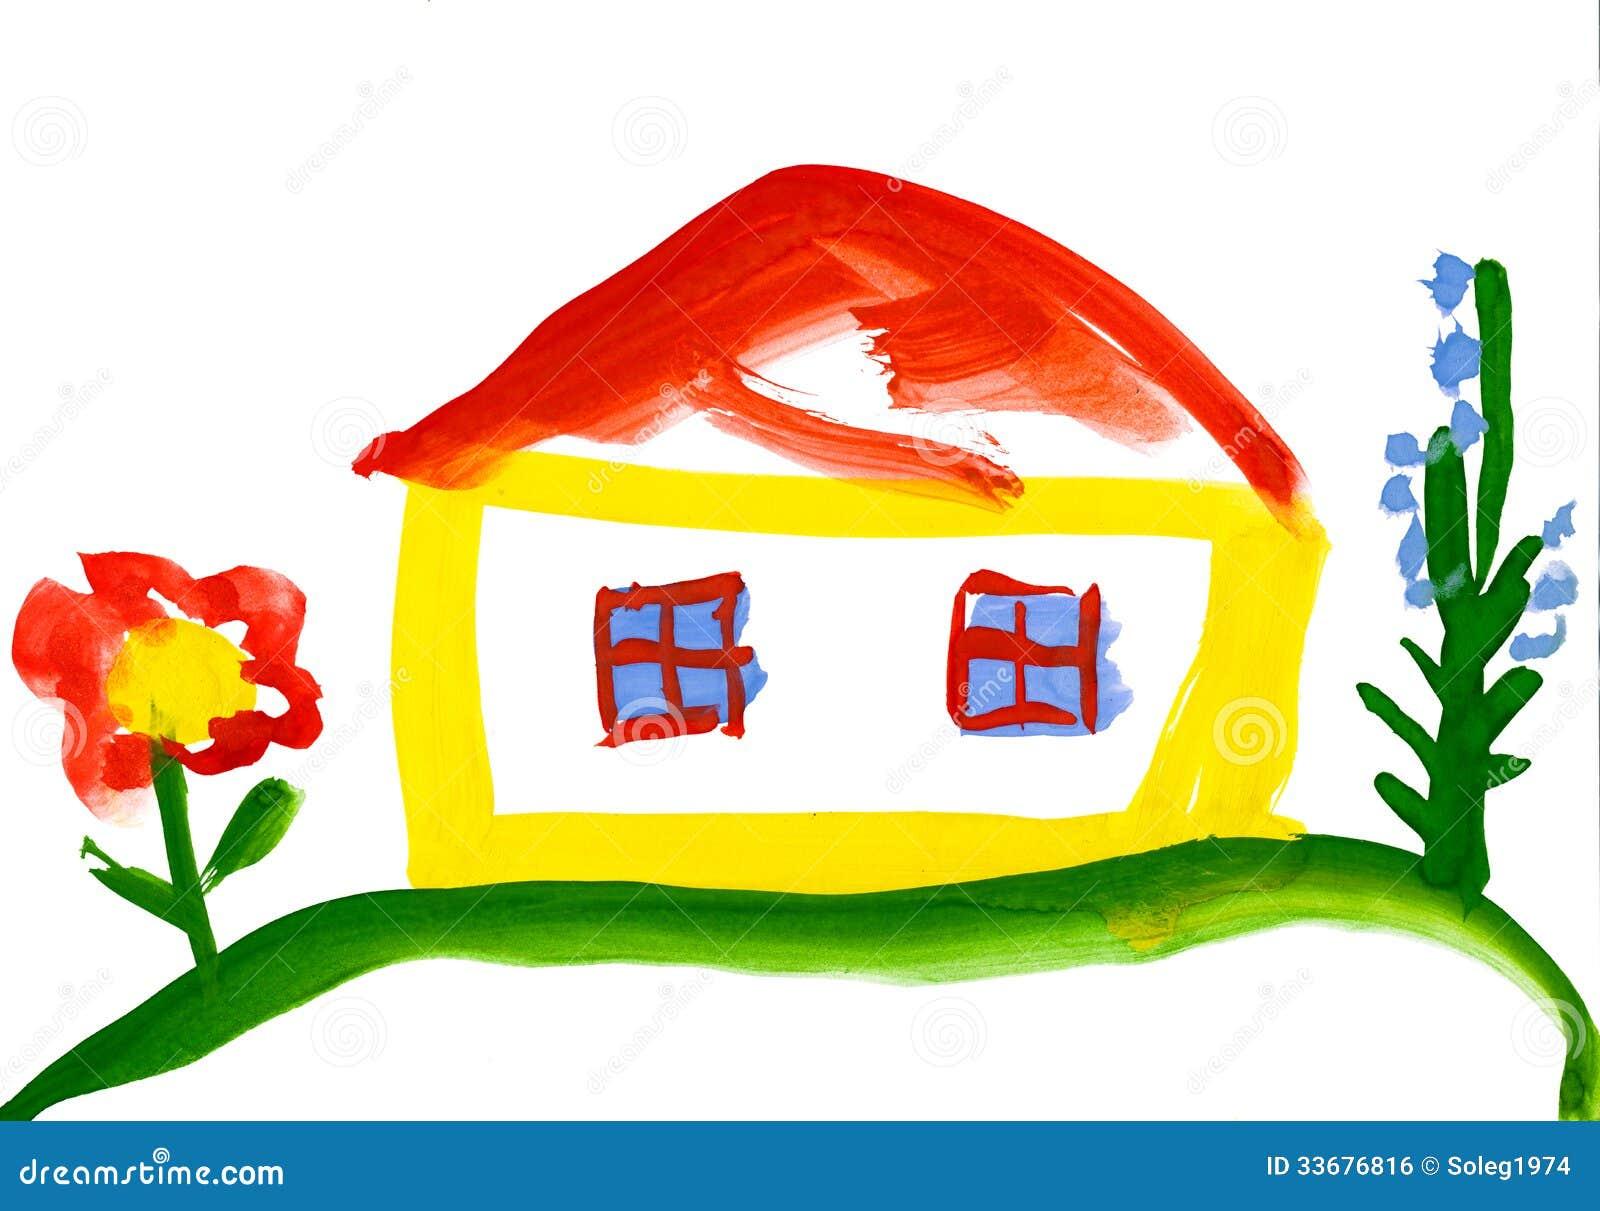 Le dessin de l 39 enfant maison dans le village image libre de droits ima - Maison dessin enfant ...